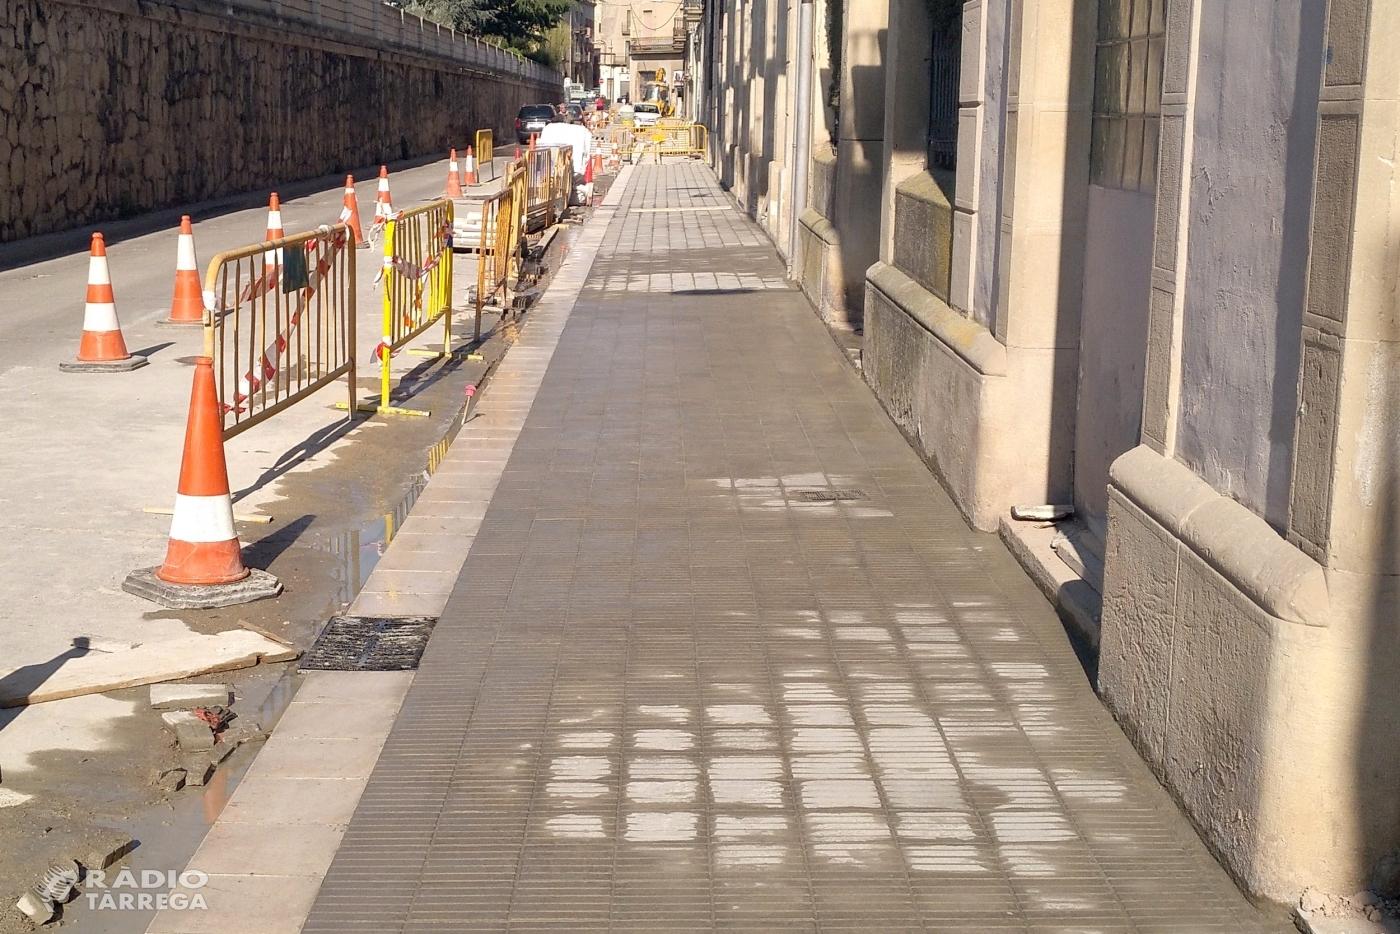 L'Ajuntament de Tàrrega adjudica els treballs per renovar el paviment asfàltic en sis vials de la ciutat